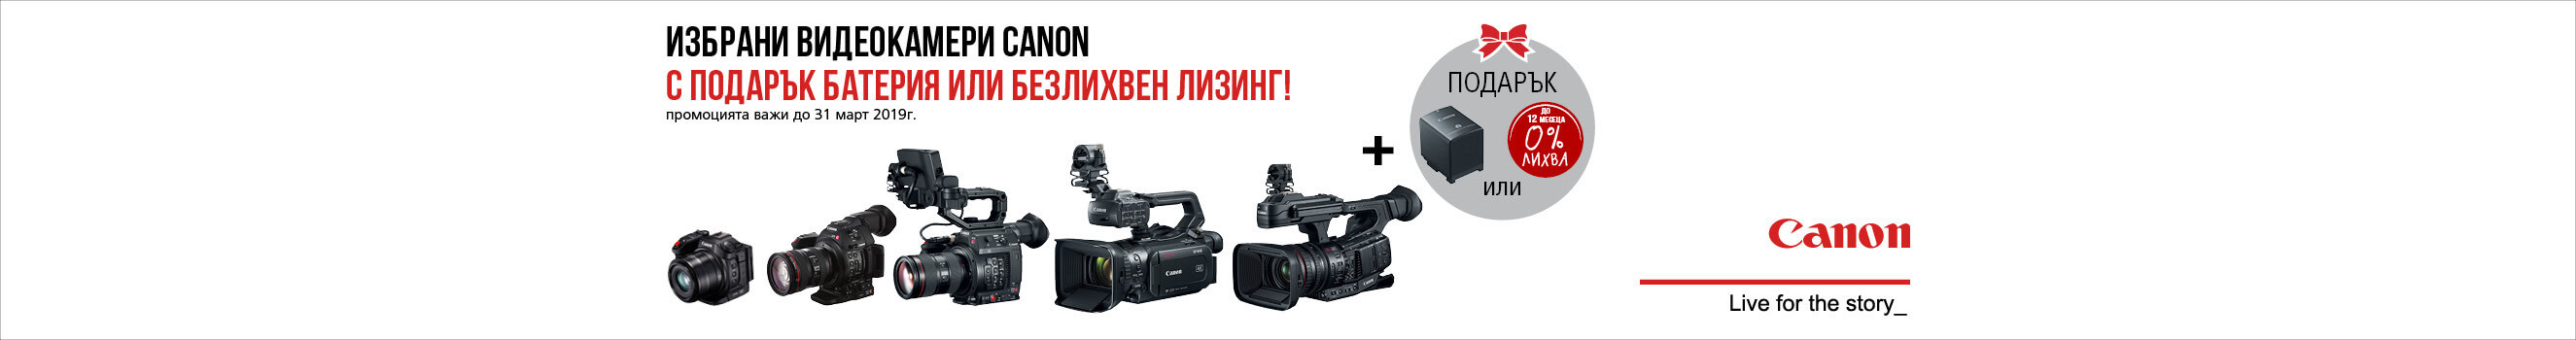 Видеокамери с подарък или 0% лизинг